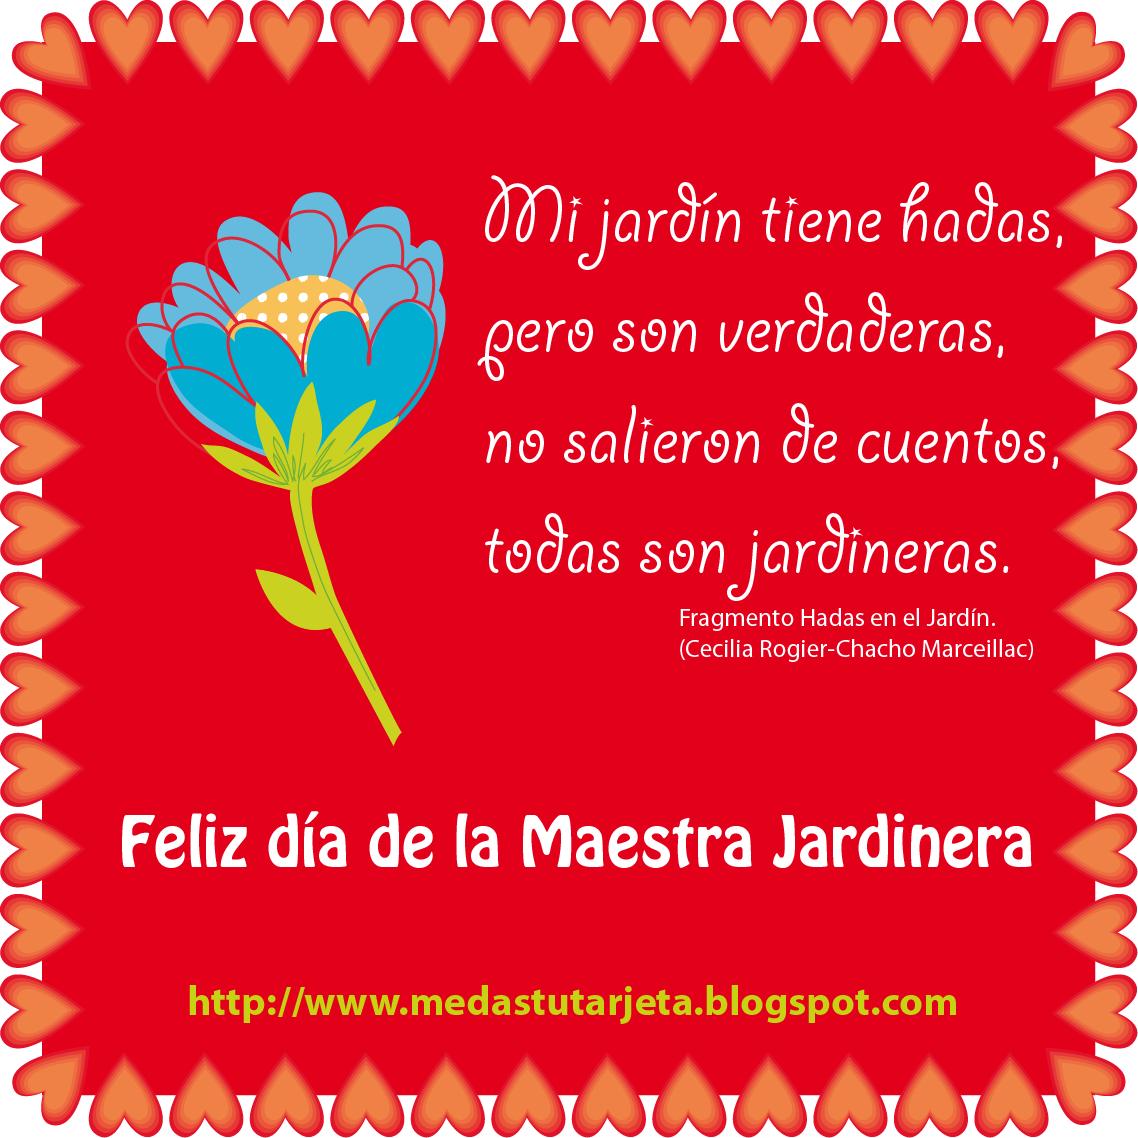 Feliz DIA De La Maestra